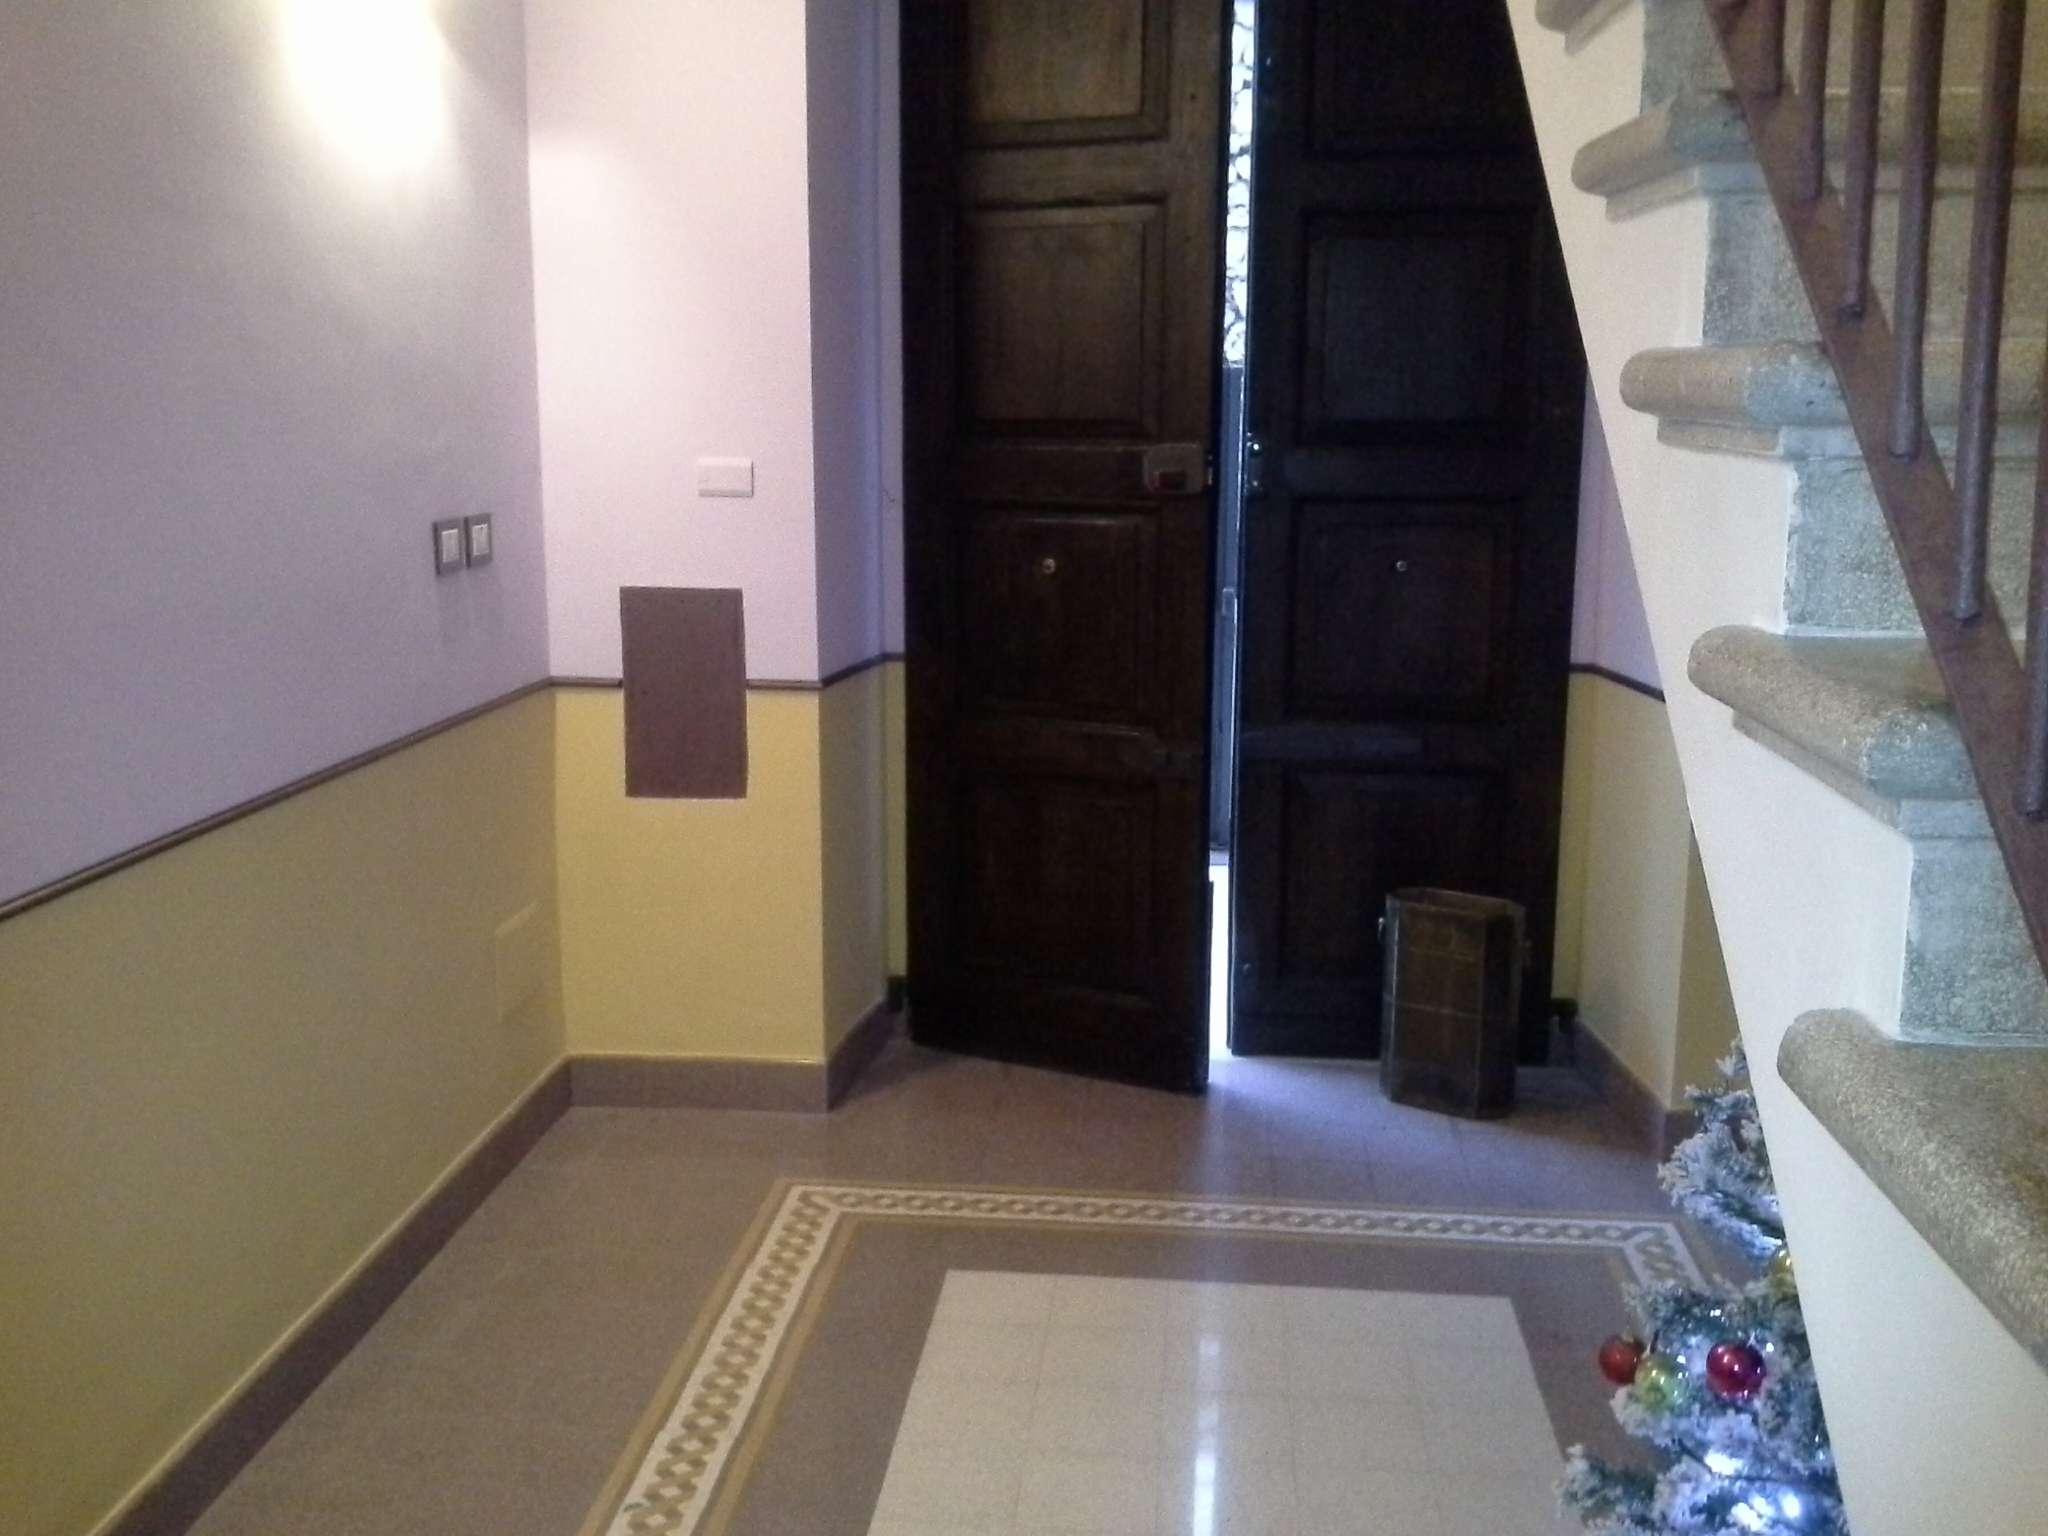 Appartamento quadrilocale in vendita a Frosinone (FR)